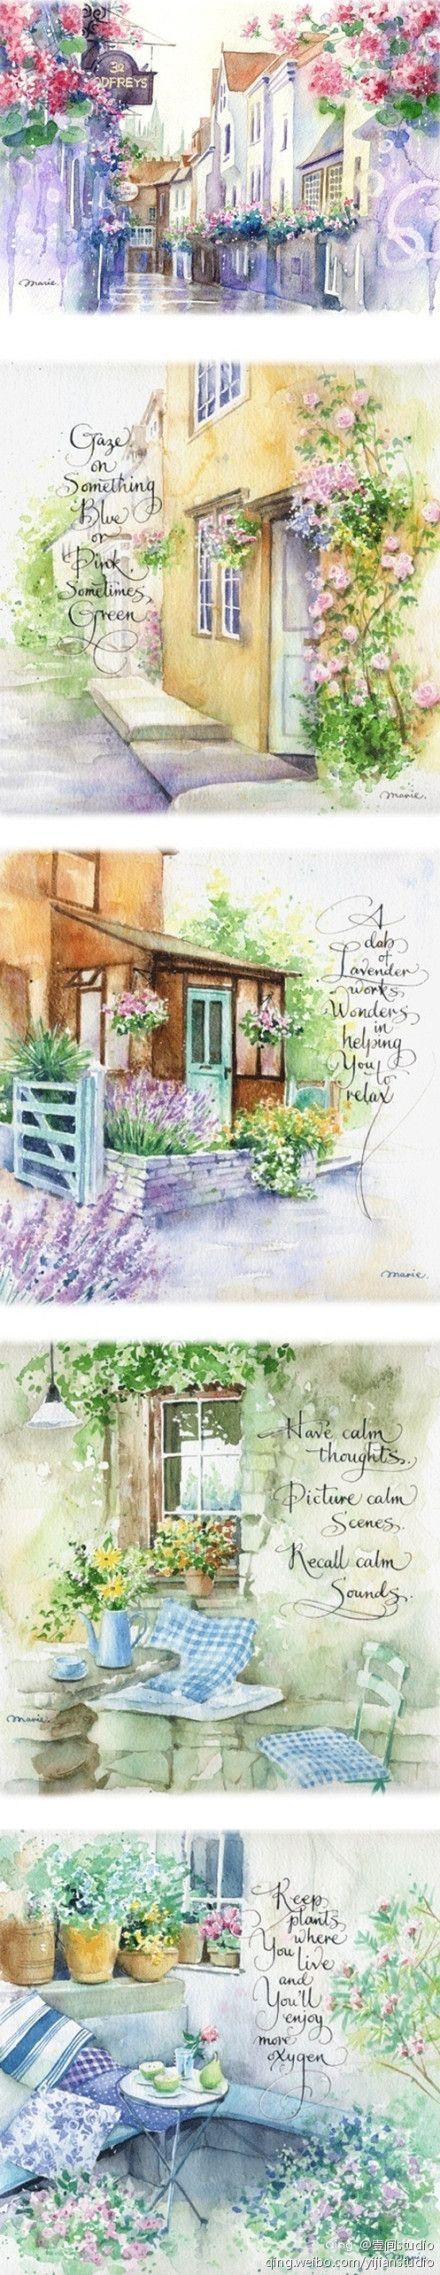 Sketch book, art journal - inspiration.